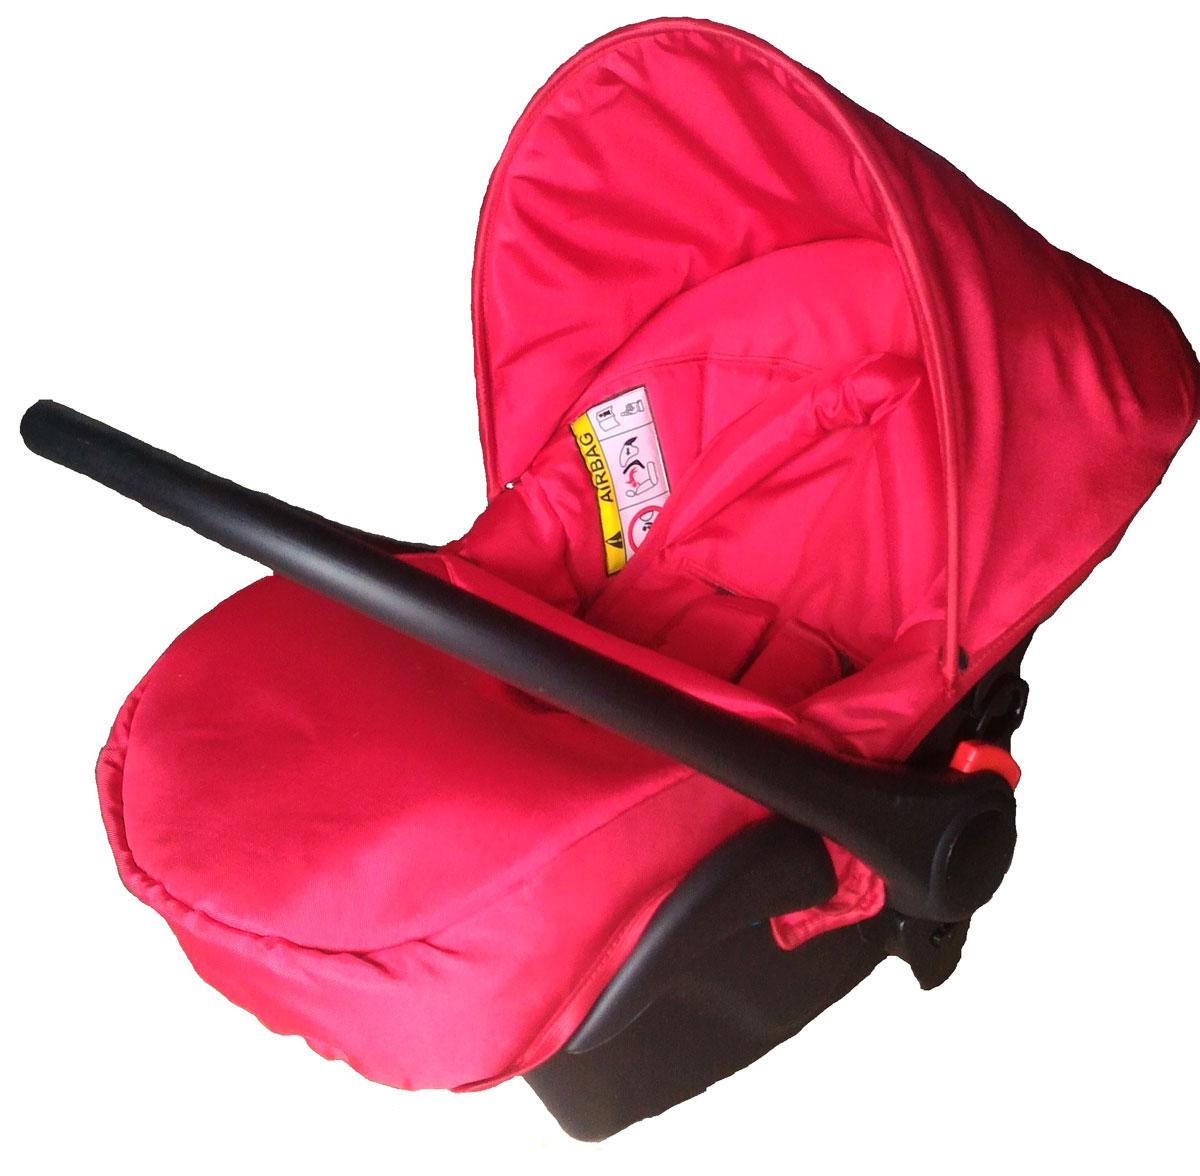 Lonex Автокресло цвет красный от 0 до 13 кг F-15F-15Очень лёгкоеавтокресло Lonexподойдет для любого автомобиля.Для малышей до 1 года (от 0 до 13 кг (группа 0+). Анатомическая подушечка создает комфорт малышу. Отстегивающийся козырек защитит ребенка от солнца, а теплая накидка на ножки обеспечит комфорт в прохладную погоду. Возможно установка горизонтального положения спинки. В кресле для малышей существует три надежных ремня безопасности со специальными накладками, которые не будут натирать нежную кожу ребенка. Данное автокресло возможно установить на все шасси колясок Lonex 2 в 1.